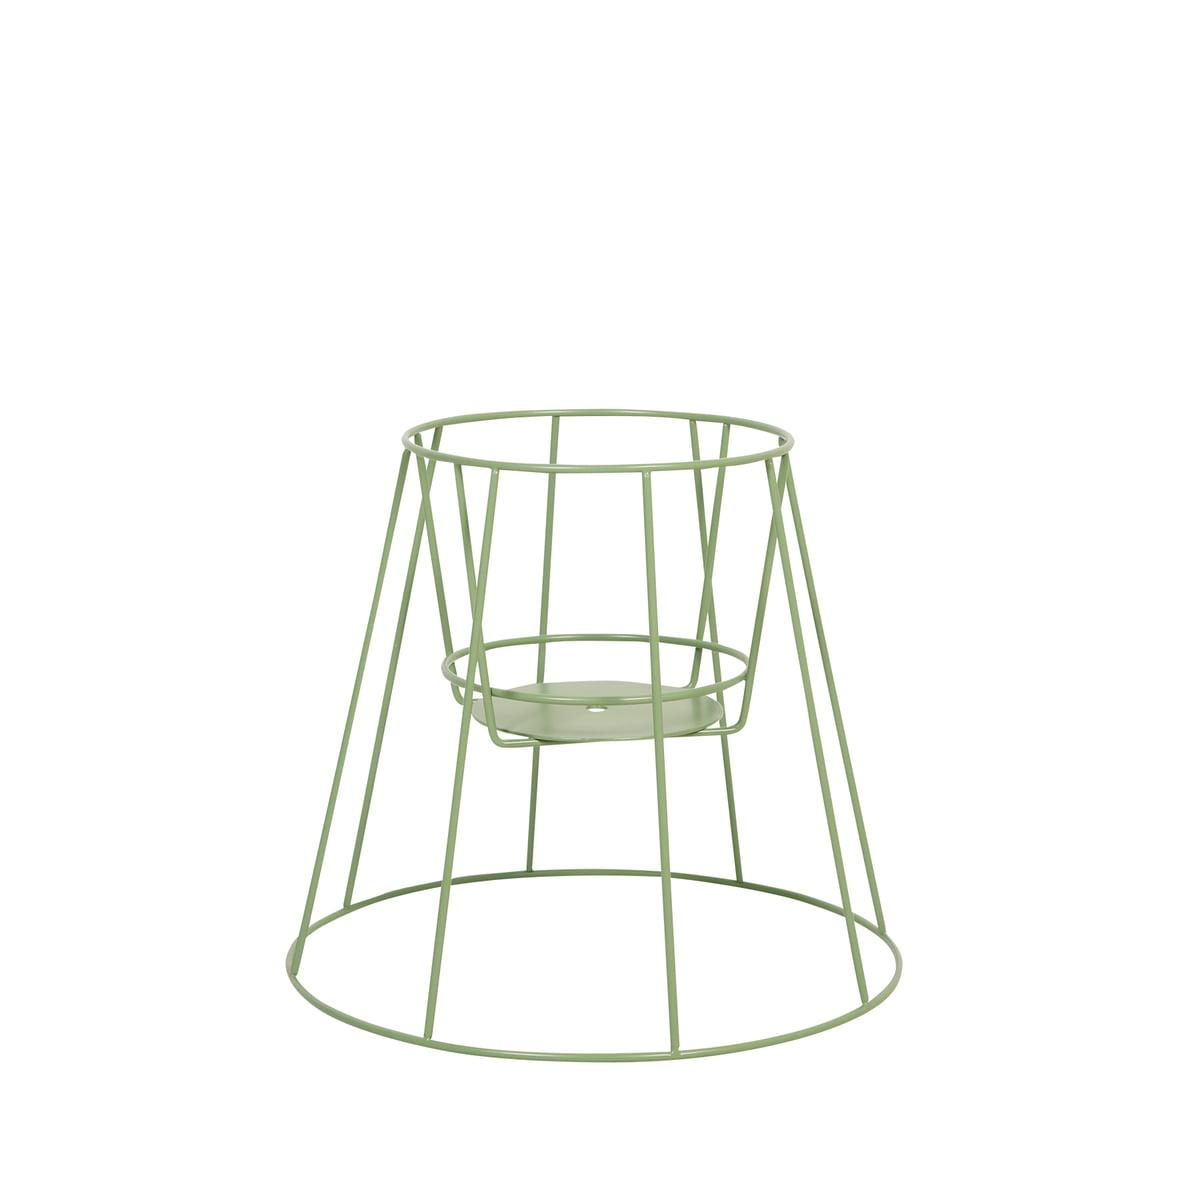 OK Design - Cibele Blumentopfständer H 30 cm, sea green   Garten > Pflanzen > Blumentöpfe   Grün   Metalldraht -  pulverbeschichtet   OK Design